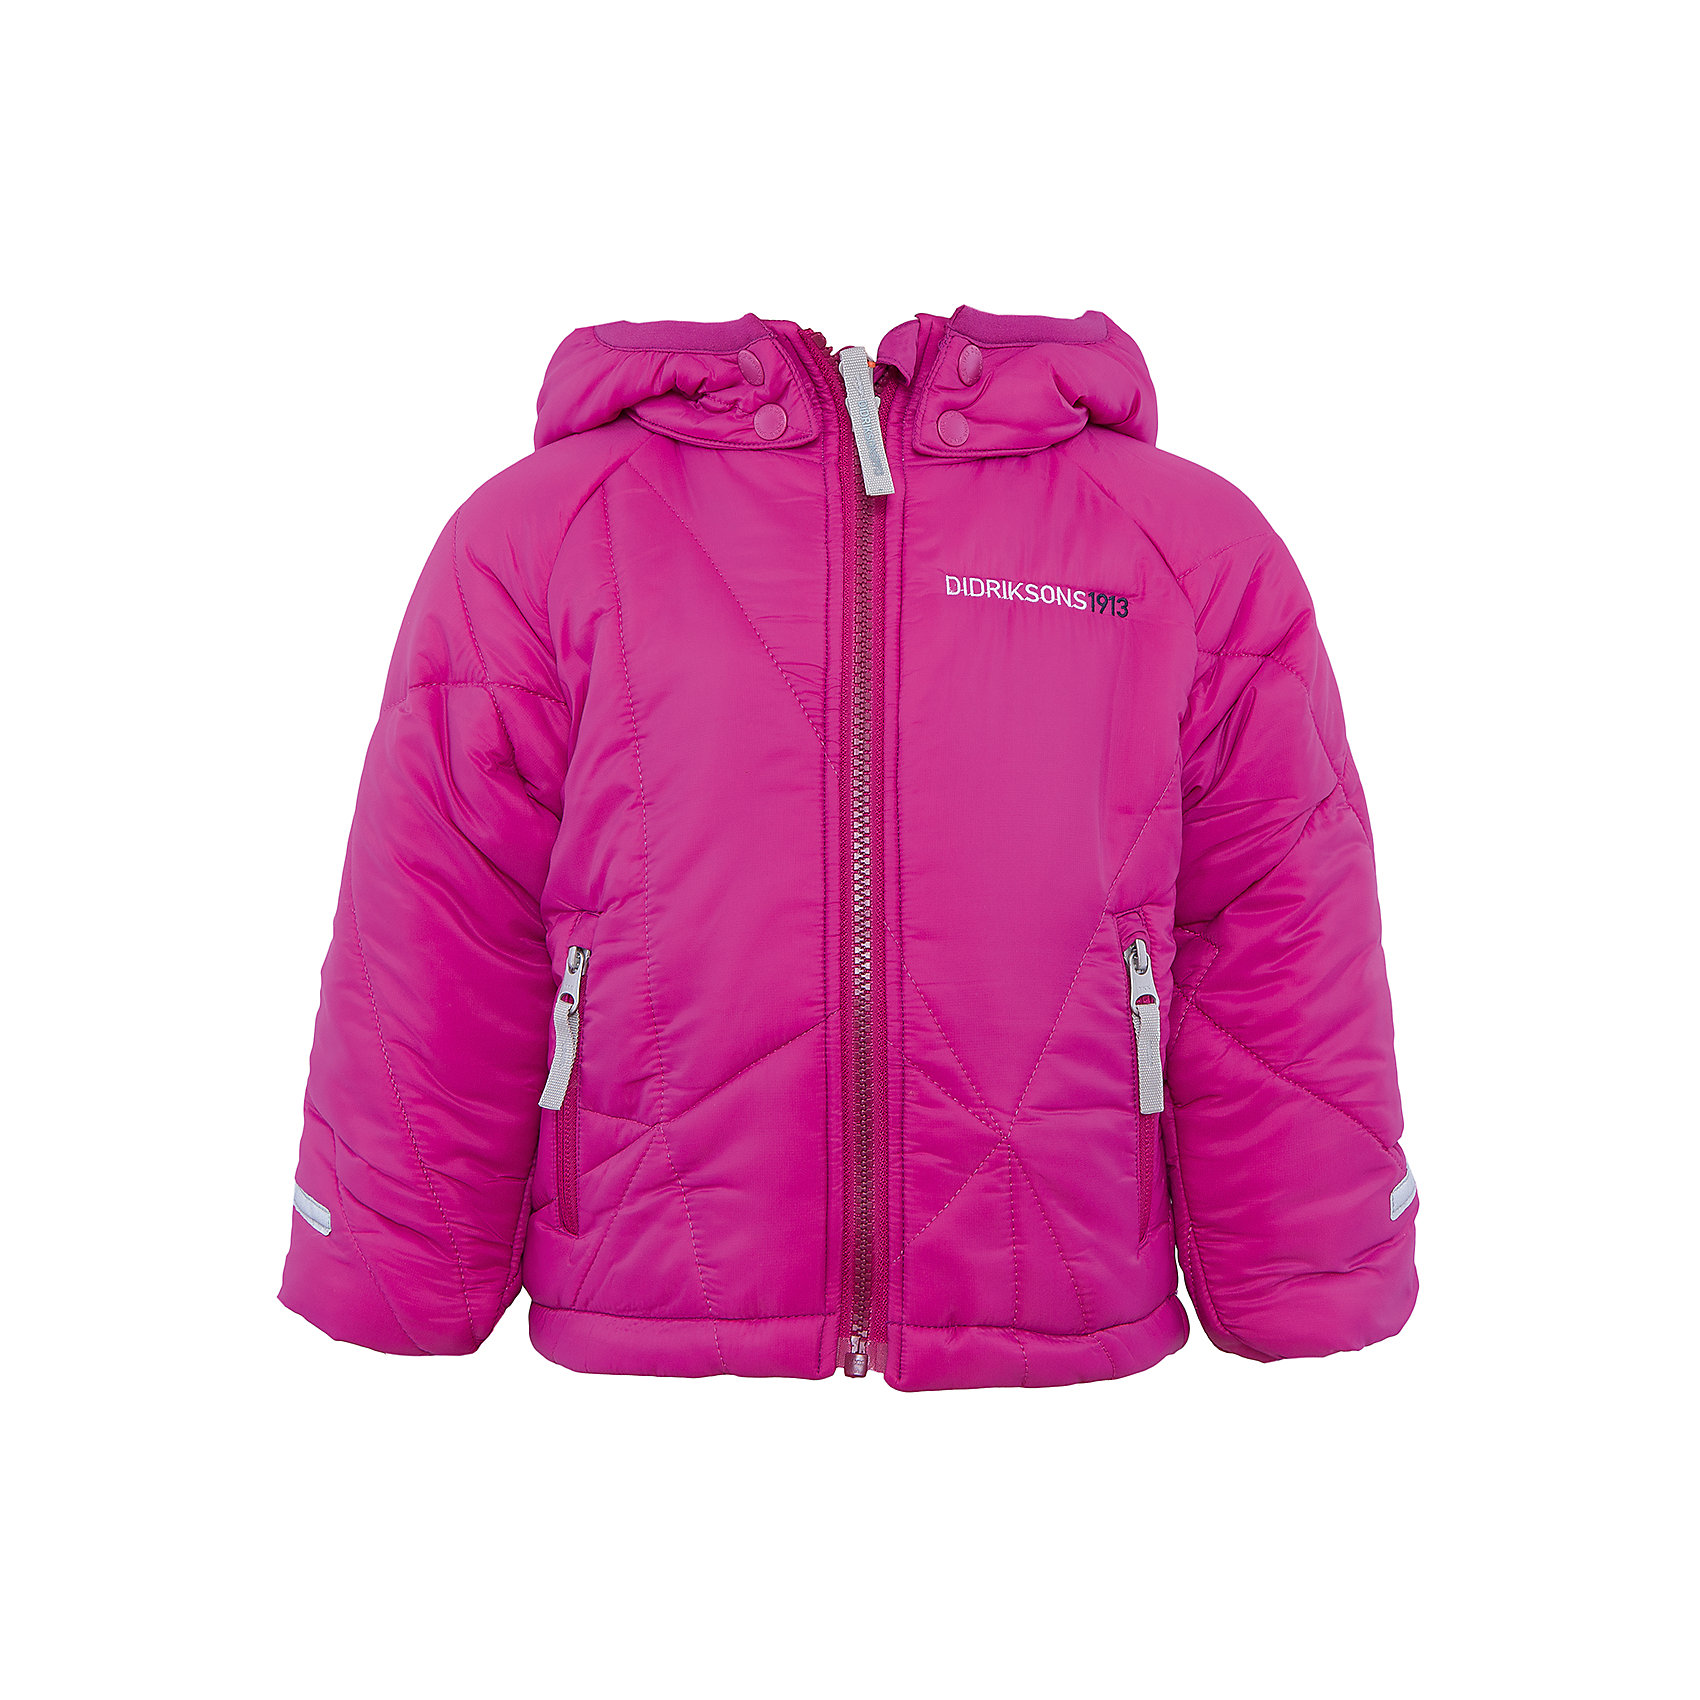 Куртка Coddi для девочки DIDRIKSONSВерхняя одежда<br>Характеристики товара:<br><br>• цвет: фиолетовый<br>• материал: 100% полиамид, подкладка 100% полиэстер<br>• утеплитель: 240 г/м<br>• сезон: зима<br>• температурный режим от +5 до -20С<br>• дополнительная пропитка верха<br>• съемный капюшон<br>• фронтальная молния <br>• светоотражающие детали<br>• можно увеличить длину рукавов на один размер <br>• страна бренда: Швеция<br>• страна производства: Бангладеш<br><br>Такая куртка поможет малышам наслаждаться зимним отдыхом даже в морозы! Это не только стильно, но еще и очень комфортно, а также тепло. Эта качественная куртка обеспечит ребенку удобство при прогулках и активном отдыхе зимой. Такая модель от шведского производителя легко трансформируется под рост ребенка и погодные условия.<br>Куртка сшита из легкого материала с дополнительной пропиткой. Очень стильная и удобная модель! Изделие качественно выполнено, сделано из безопасных для детей материалов. <br><br>Куртку для девочки от бренда DIDRIKSONS можно купить в нашем интернет-магазине.<br><br>Ширина мм: 356<br>Глубина мм: 10<br>Высота мм: 245<br>Вес г: 519<br>Цвет: лиловый<br>Возраст от месяцев: 108<br>Возраст до месяцев: 120<br>Пол: Женский<br>Возраст: Детский<br>Размер: 140,80,100,110,120,130<br>SKU: 5043926